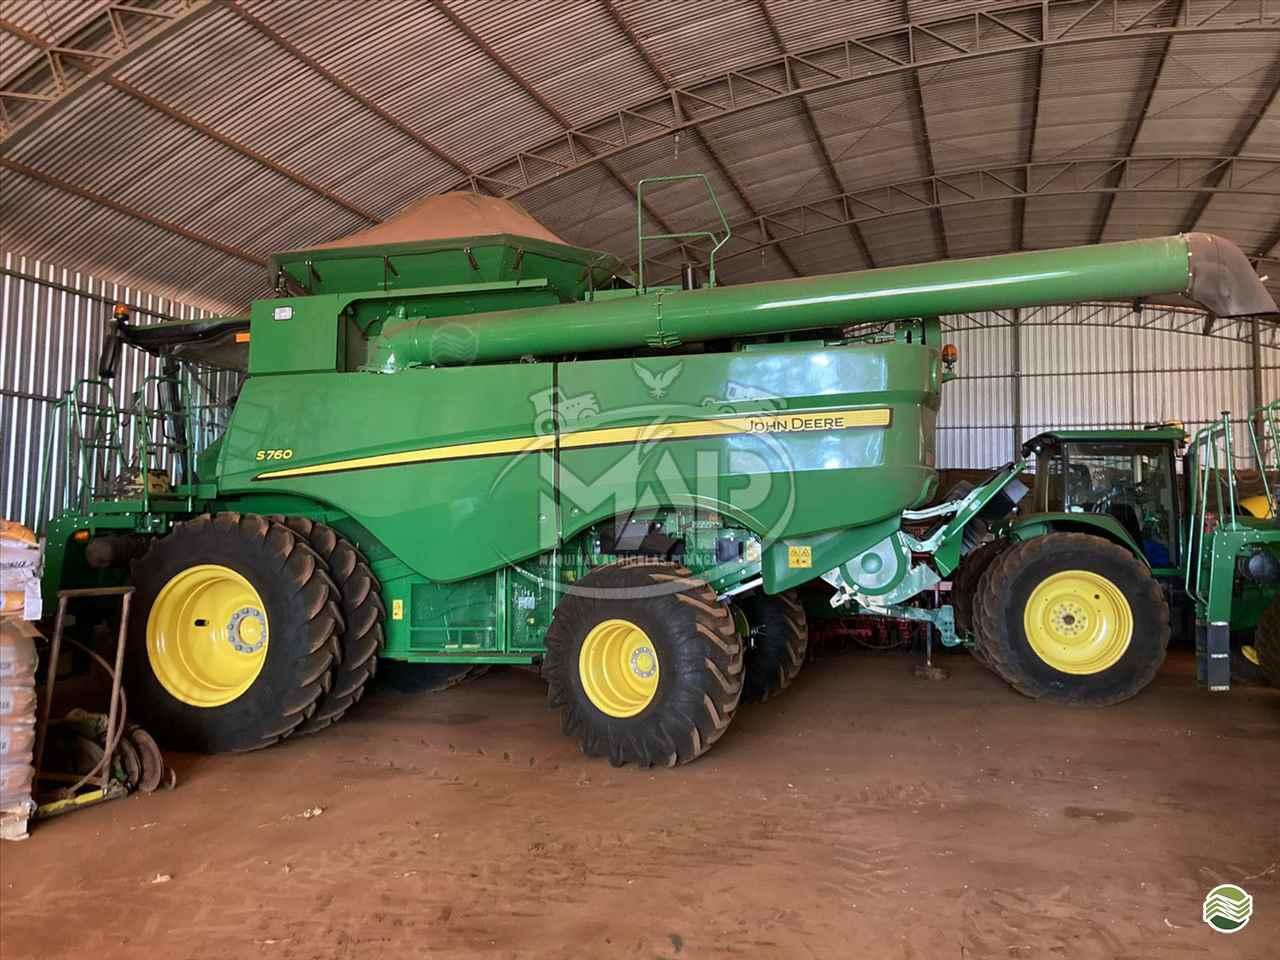 COLHEITADEIRA JOHN DEERE JOHN DEERE S760 Máquinas Agrícolas Pitanga PITANGA PARANÁ PR